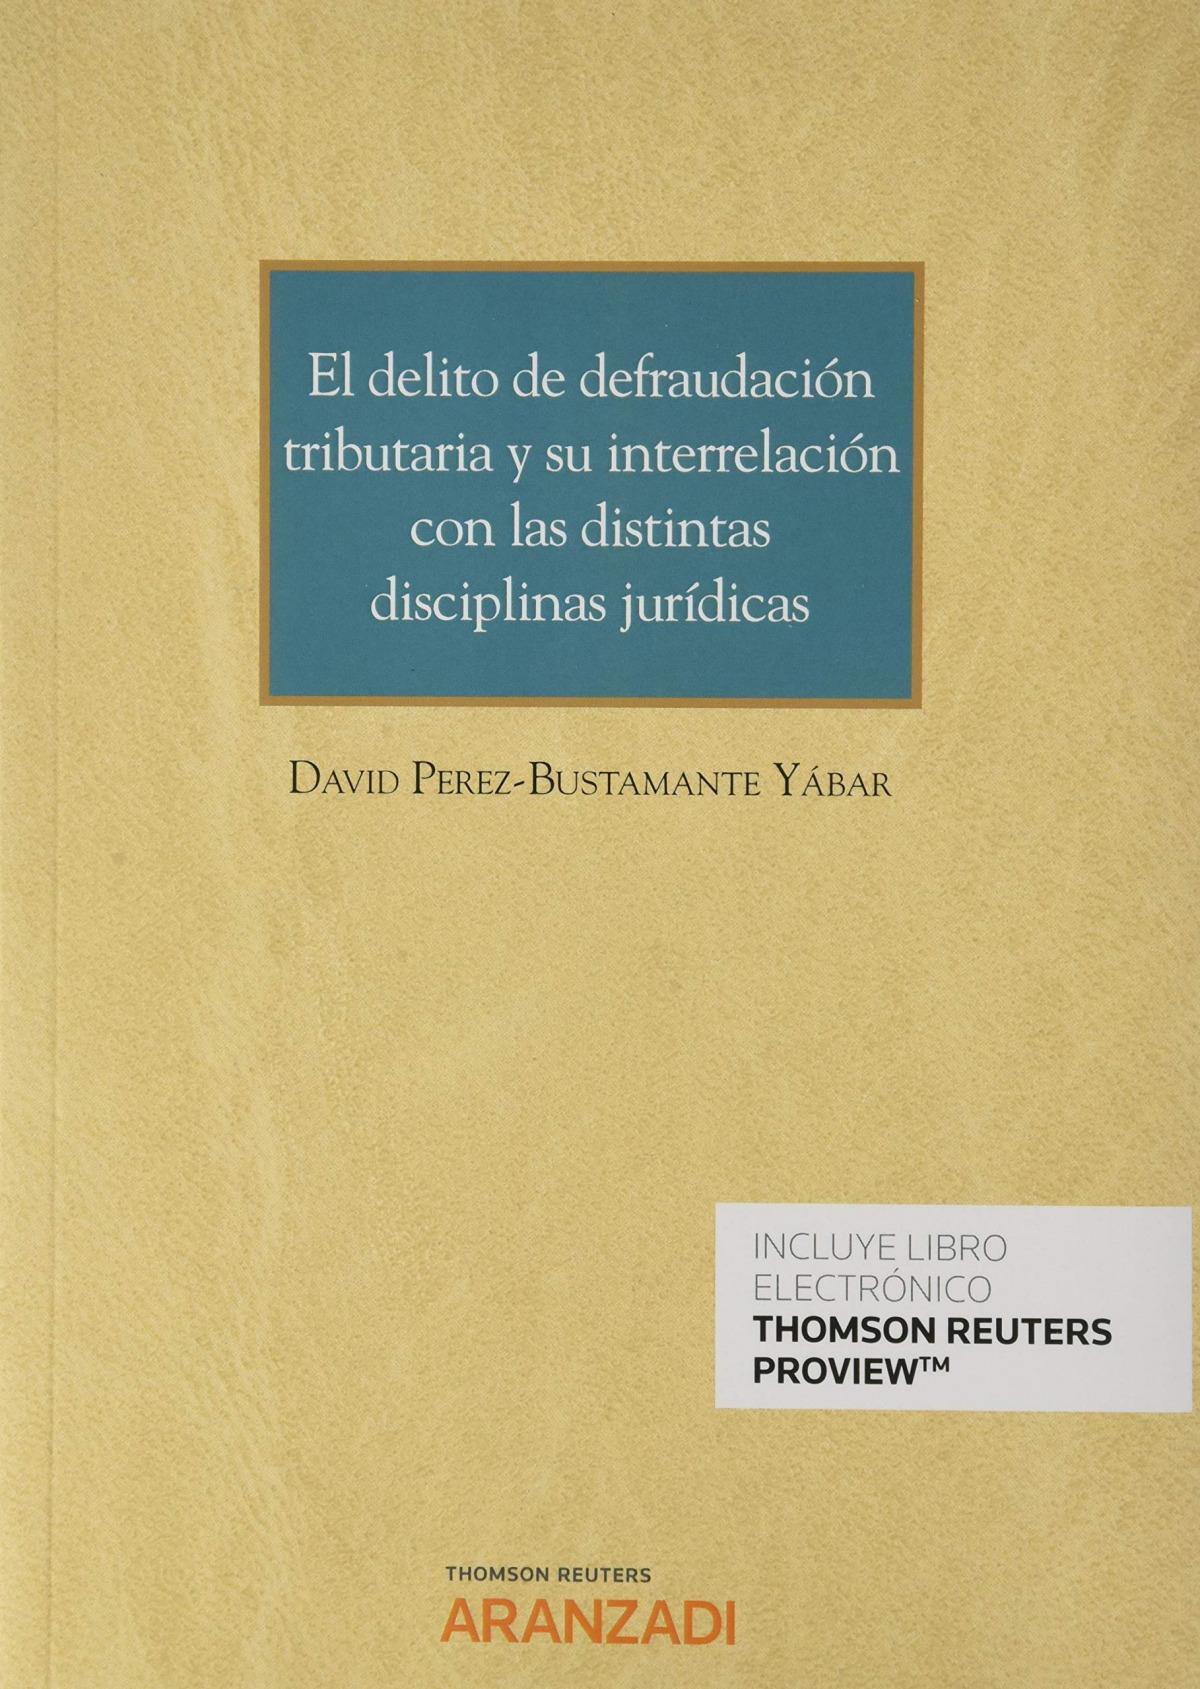 El delito de defraudación tributaria y su interrelación con las distintas disciplinas jurídicas (Papel + e-book)